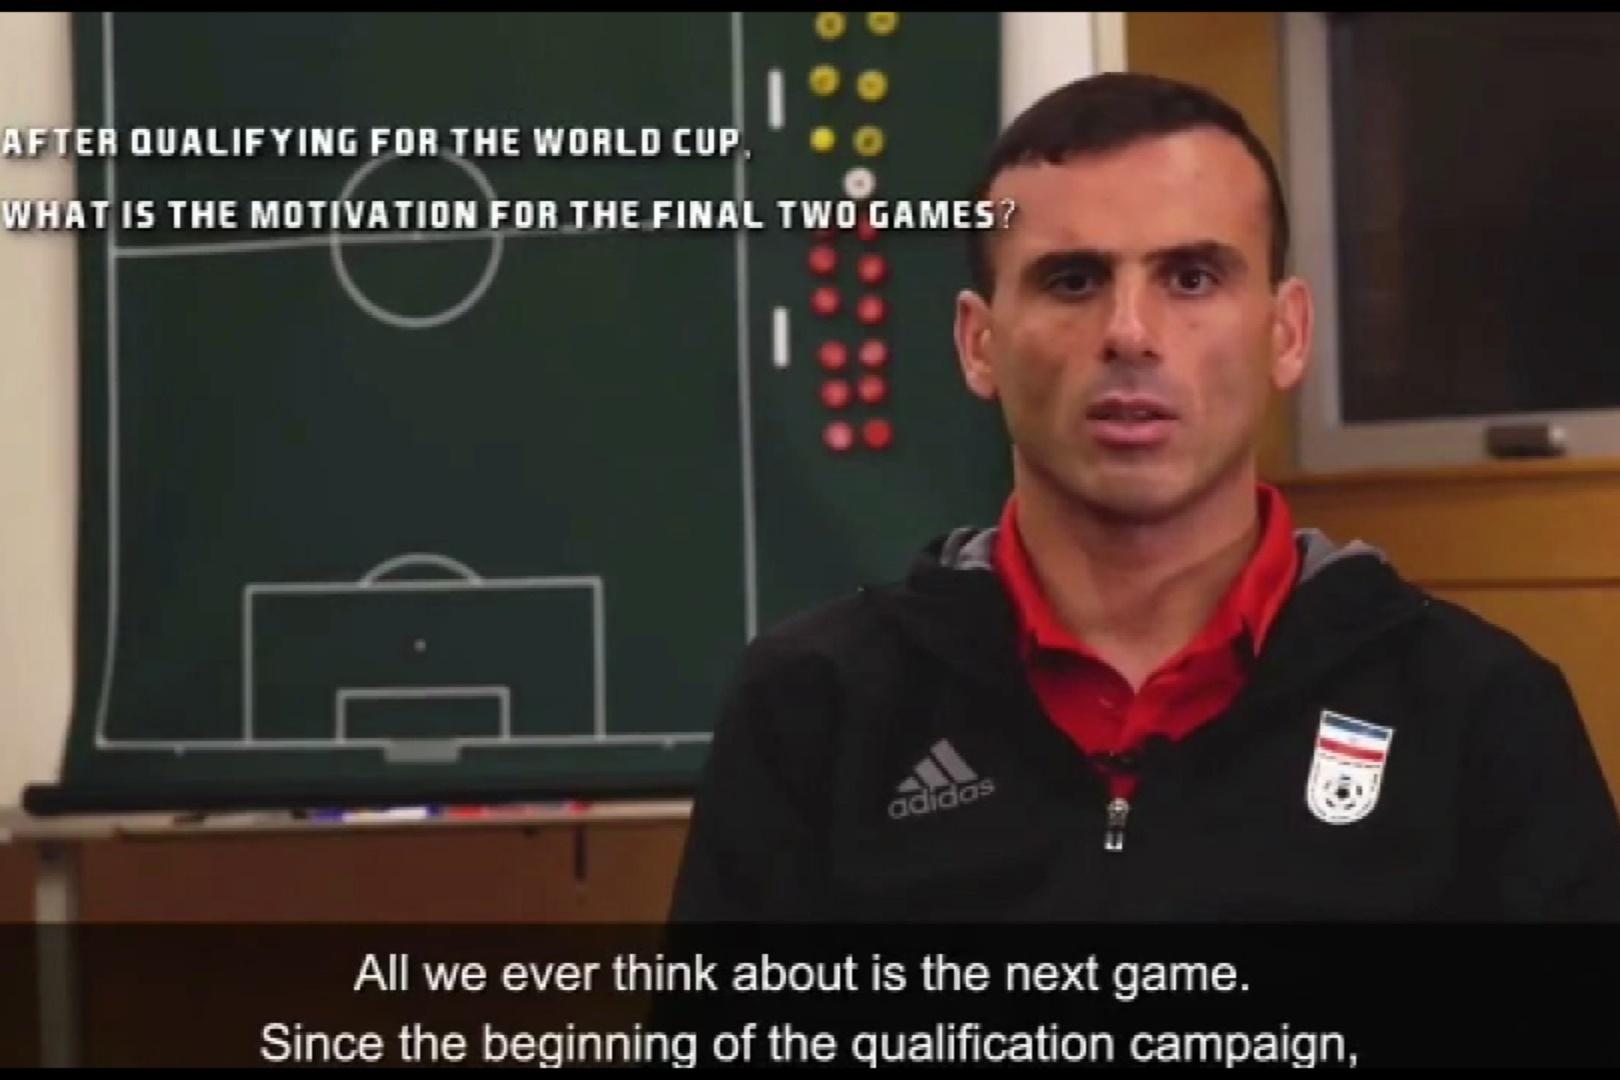 فیلم | مصاحبه سید جلال حسینی با ایافسی پیش از بازی ایران و کره